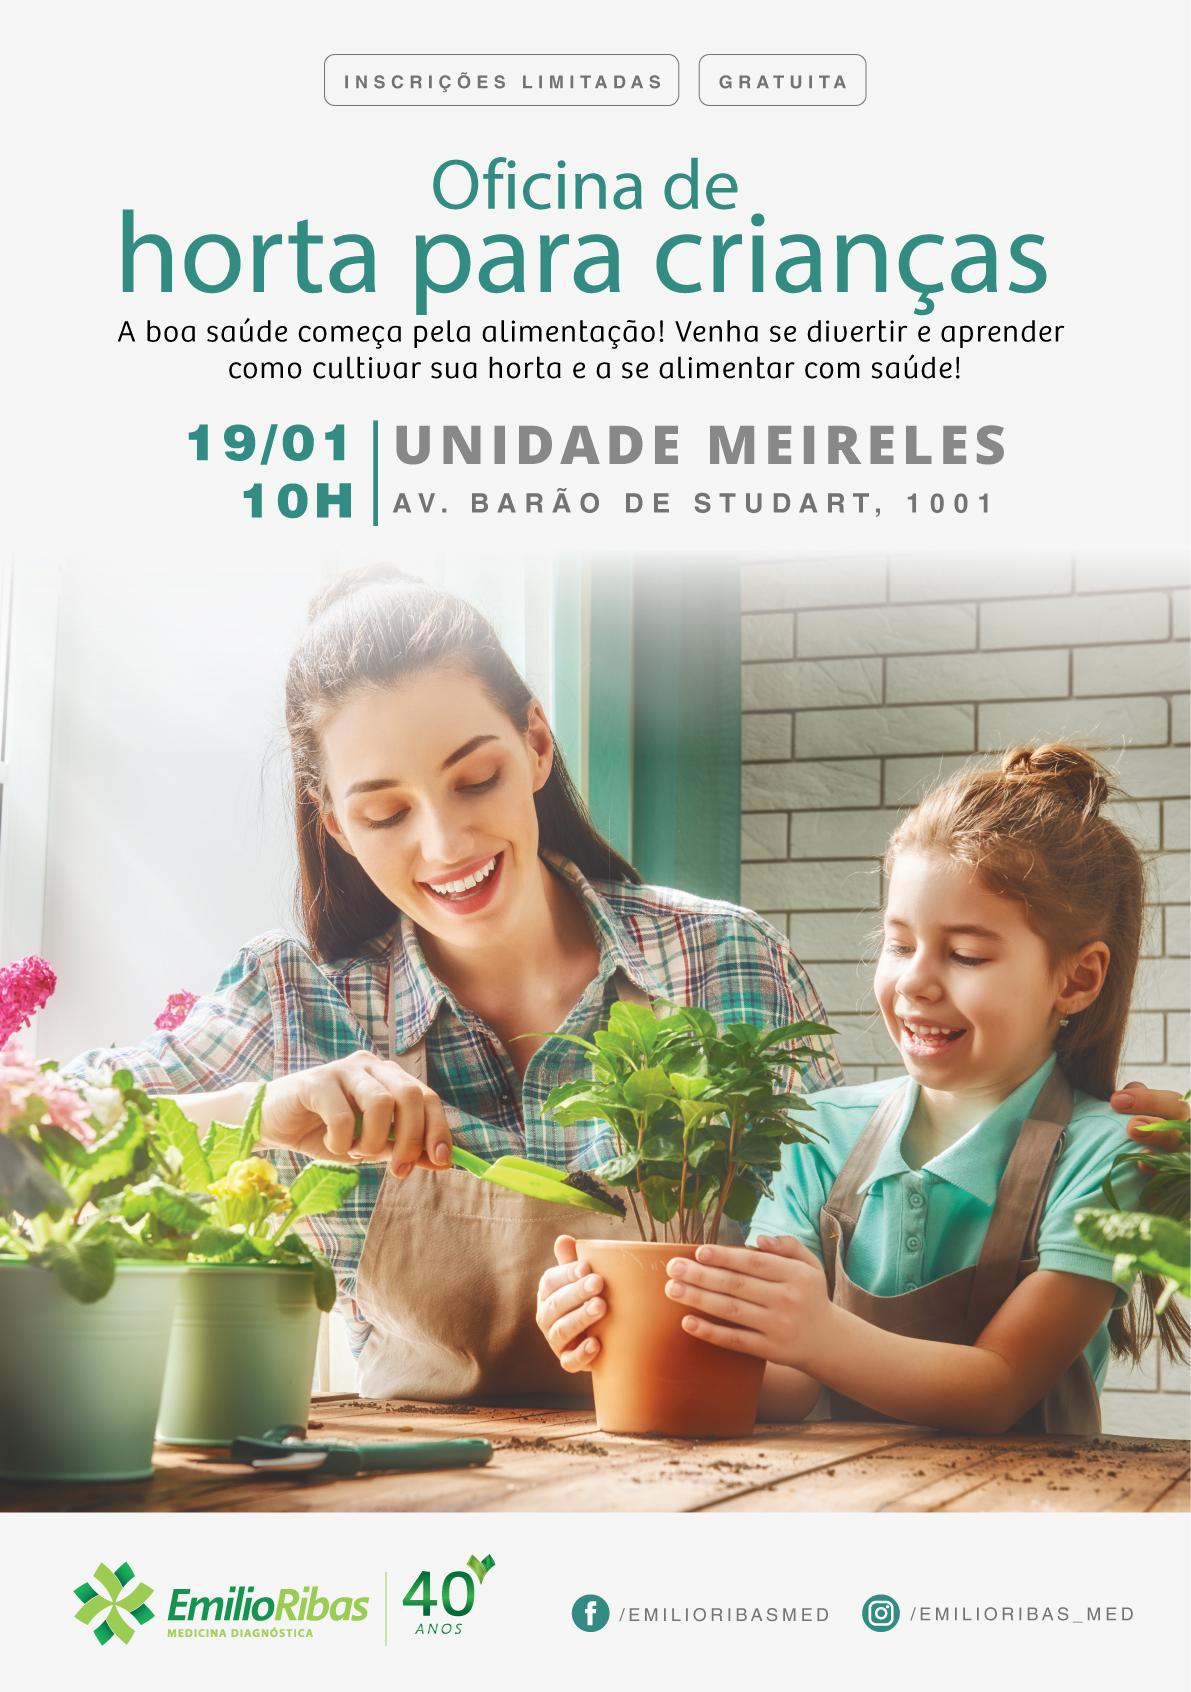 Oficina de Horta para Crianças